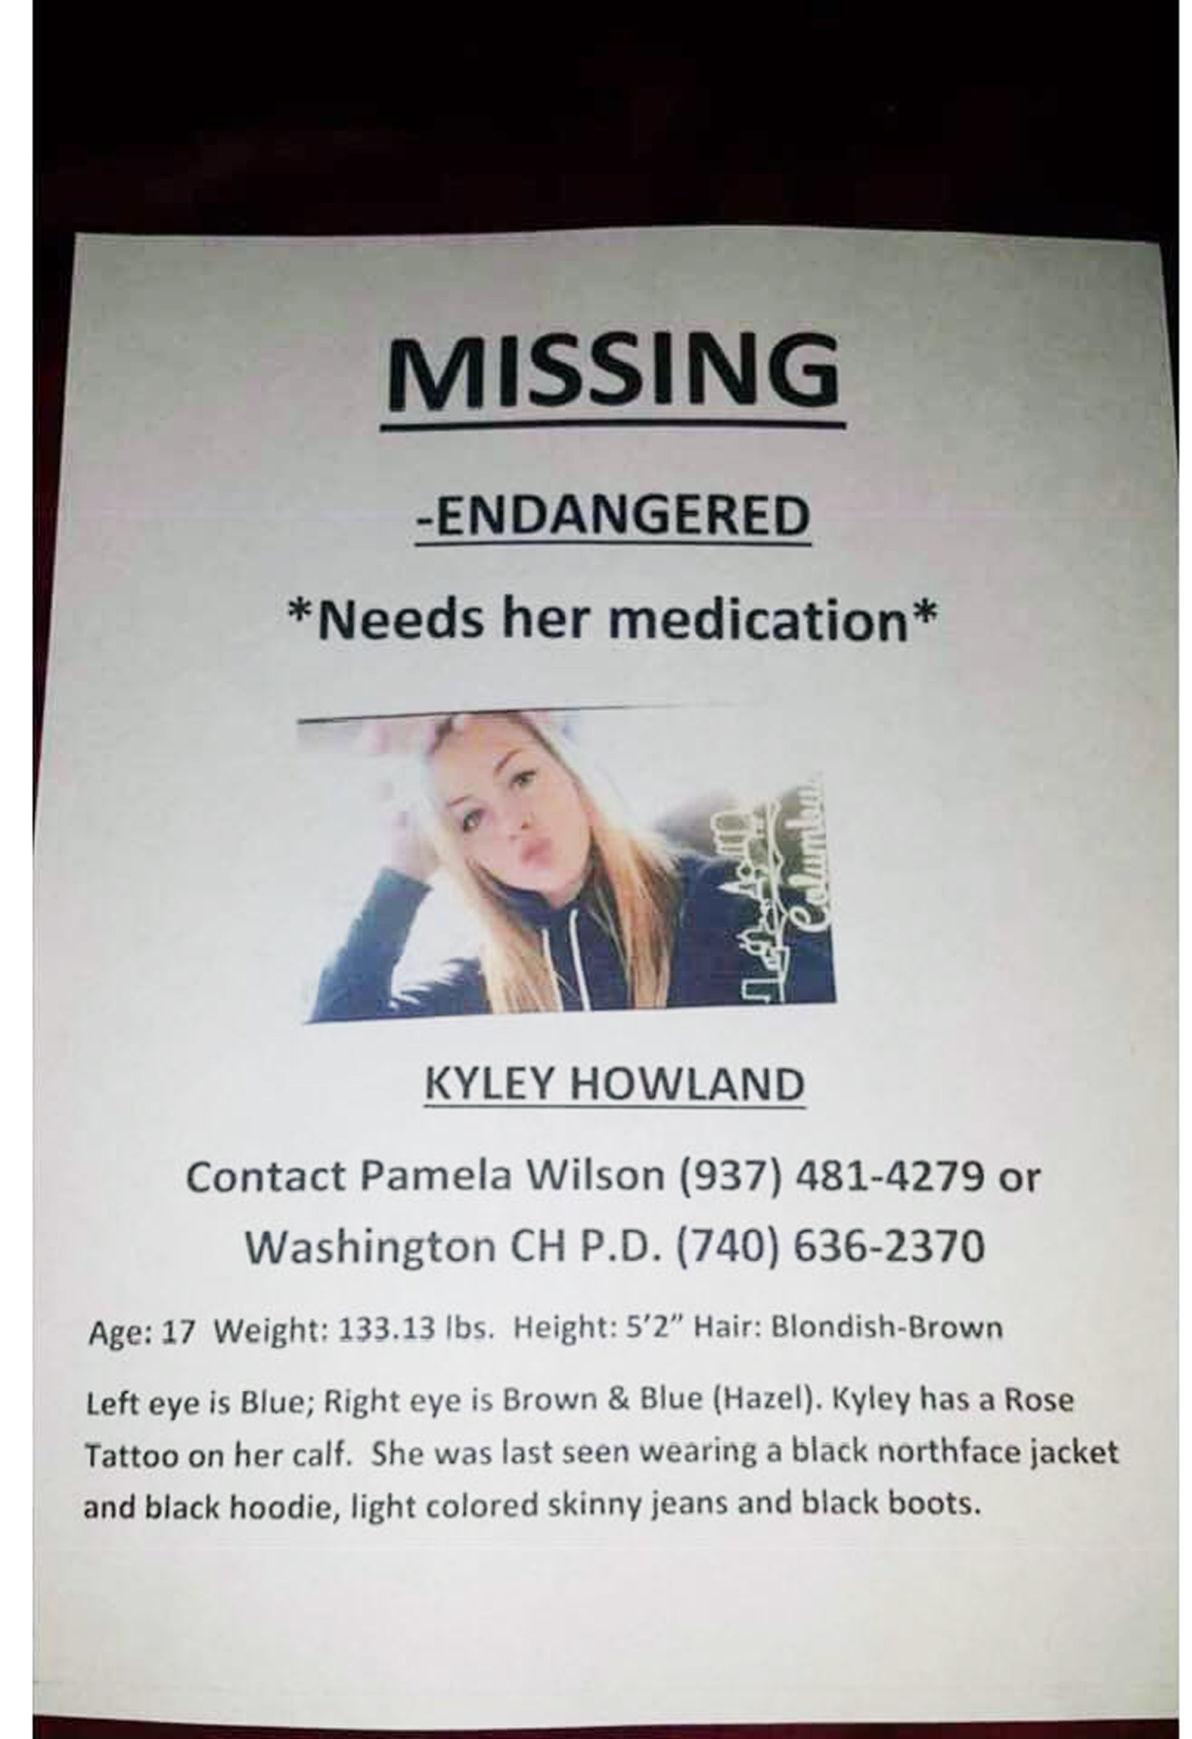 Law enforcement seeking missing girl